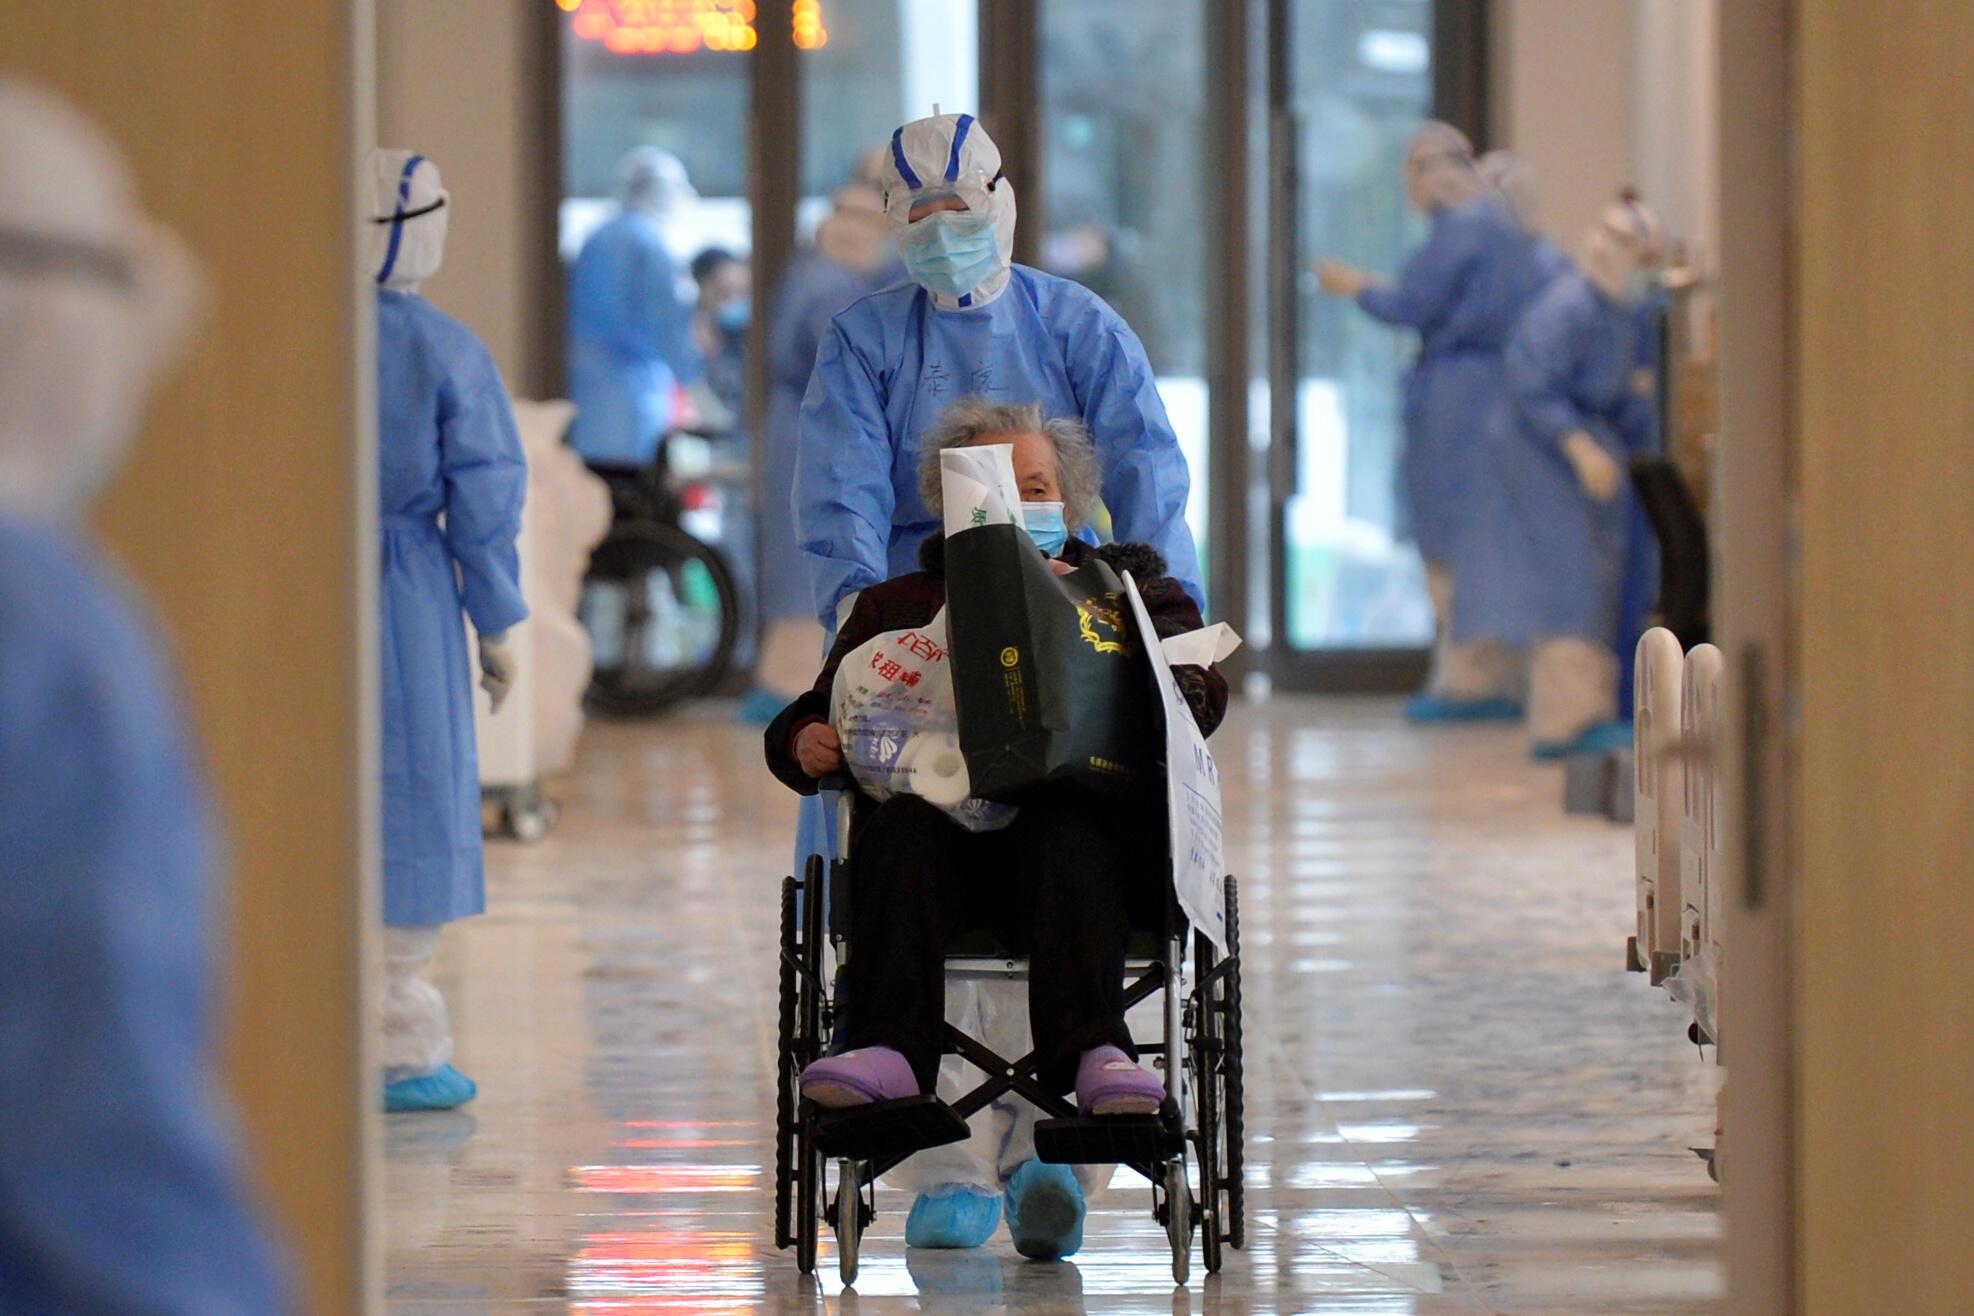 Bệnh nhân nhiễm virus corona được điều trị tại một bệnh viện ở Vũ Hán, Trung Quốc. Ảnh chụp ngày 10/02/2020.